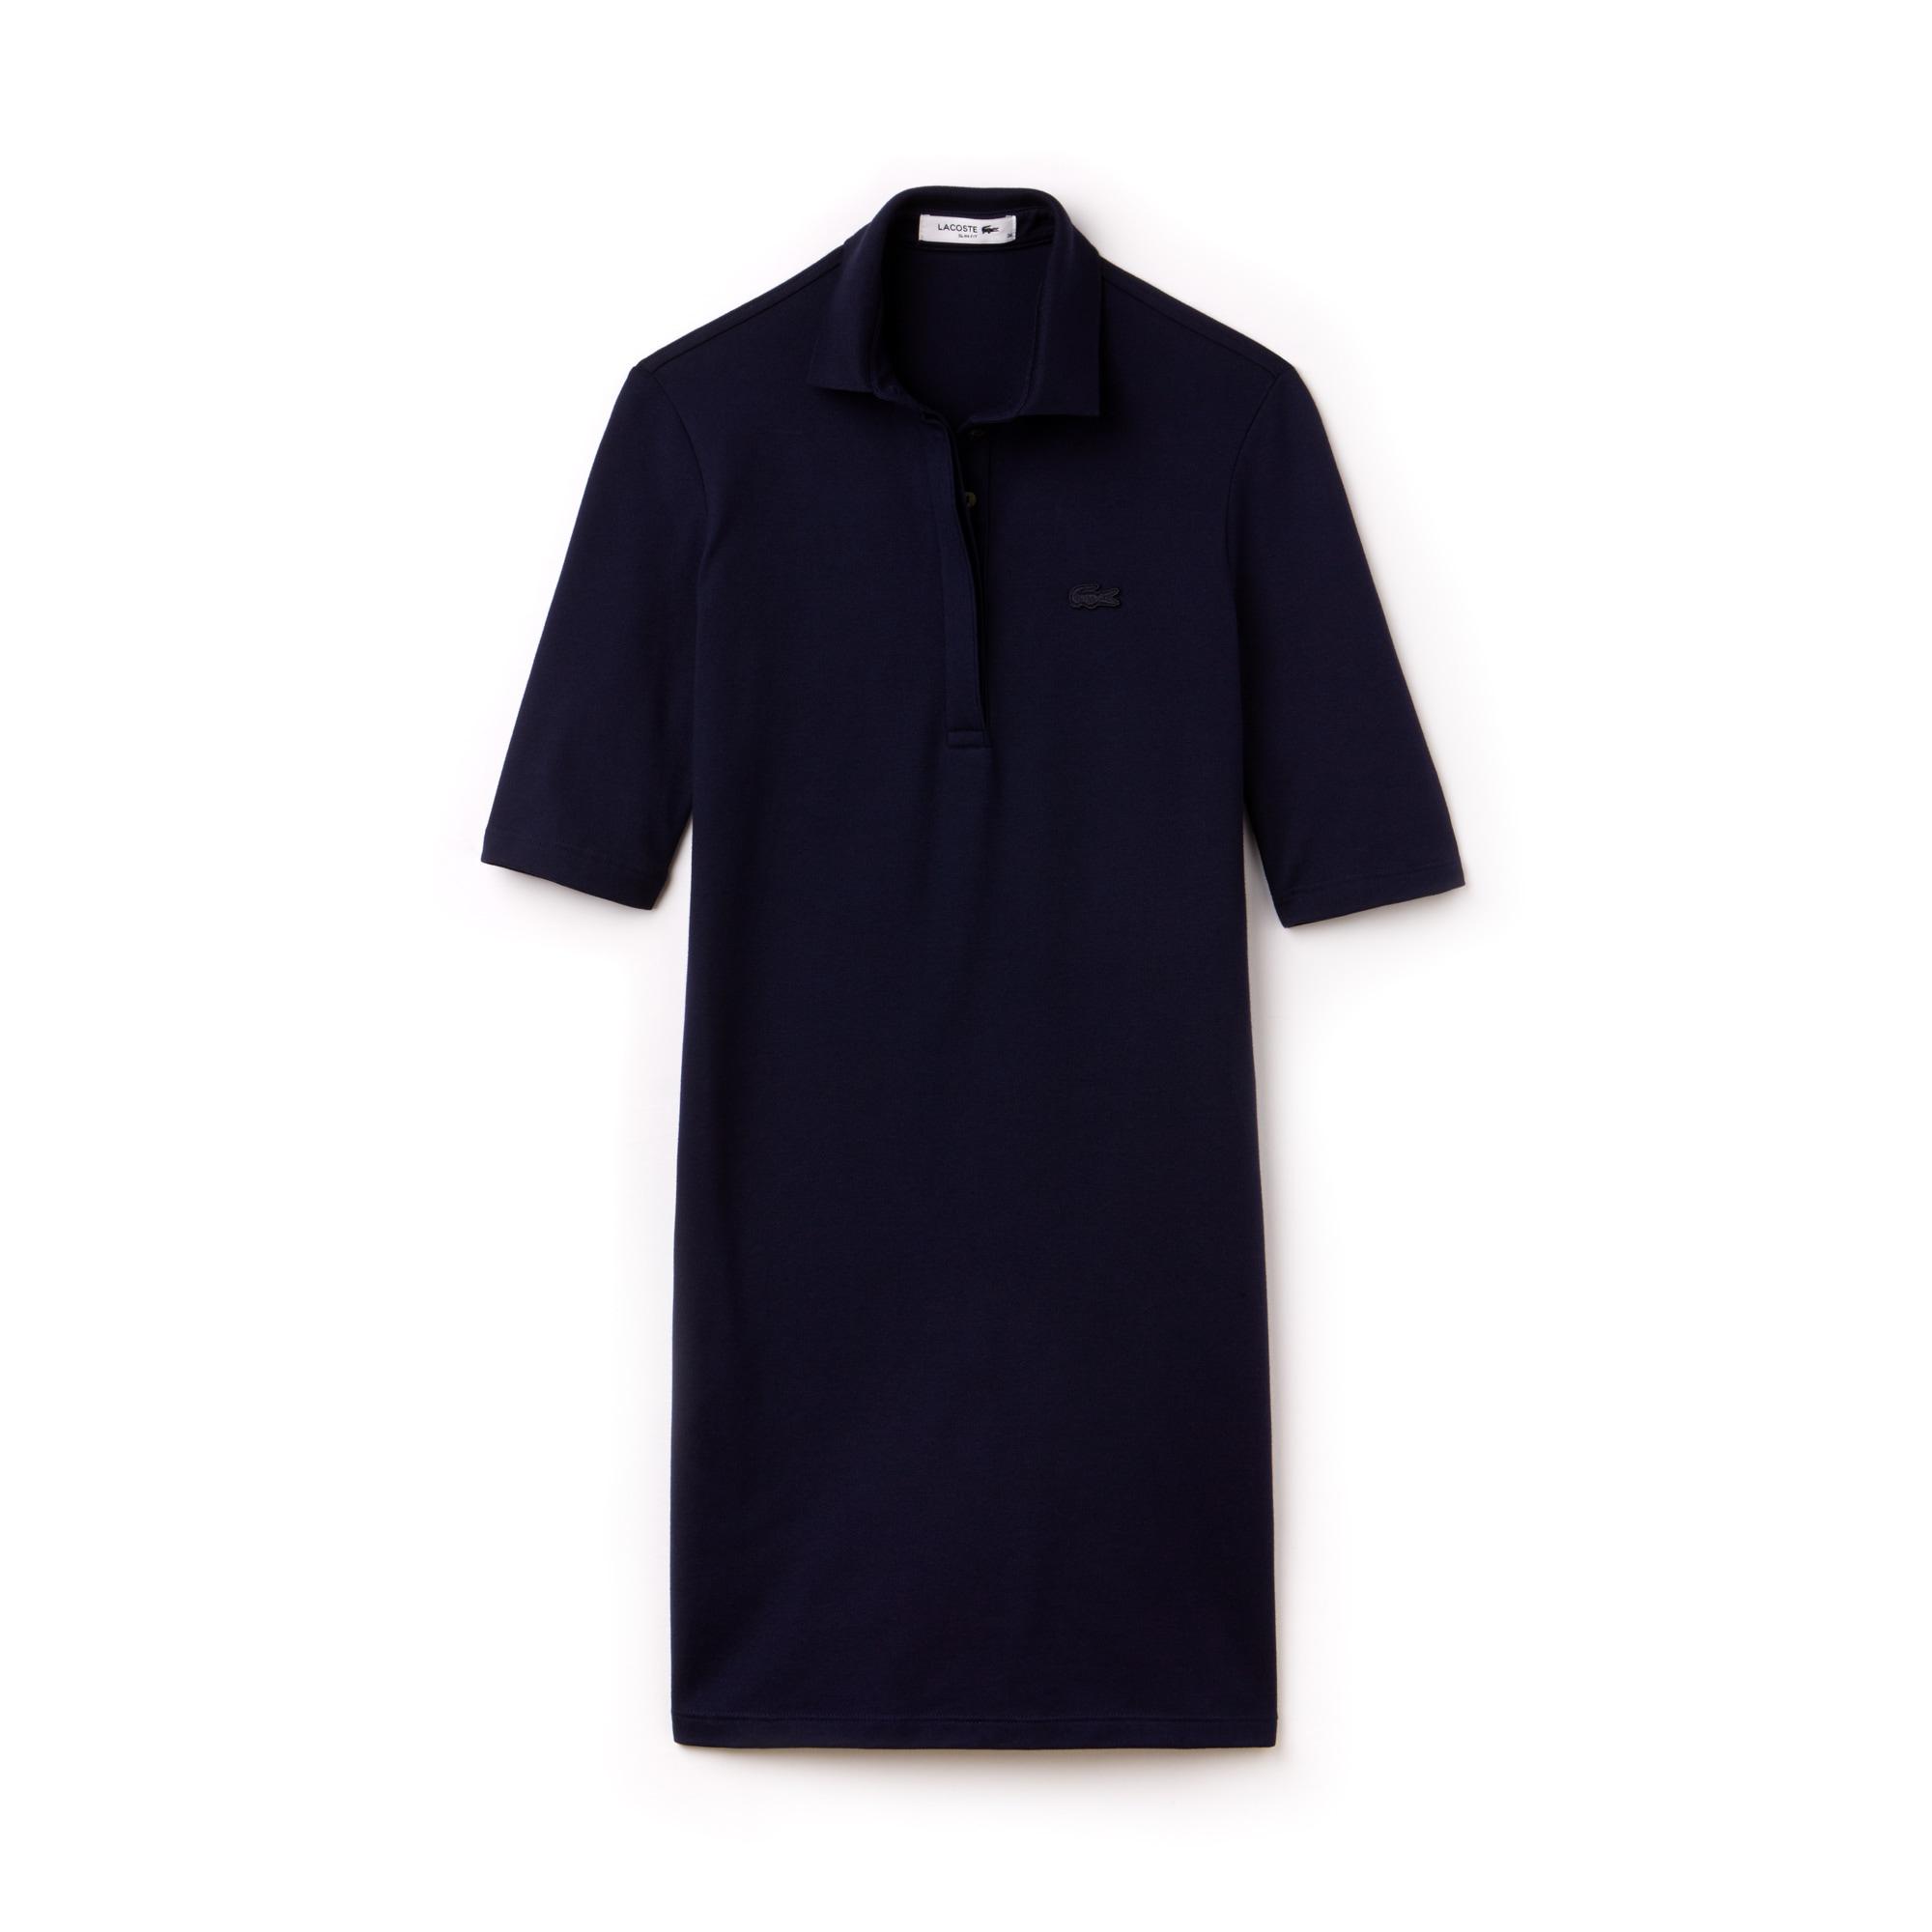 라코스테 슬림핏 피케 미니 폴로 원피스 네이비 블루 Lacoste Womens Slim Fit Stretch Mini Pique Polo Dress,navy blue